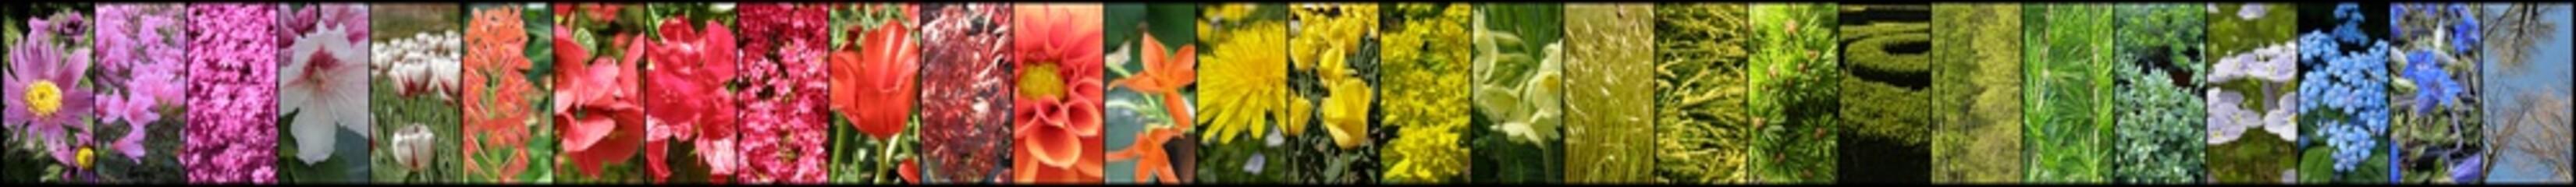 Fototapeta Tęcza z kwiatów